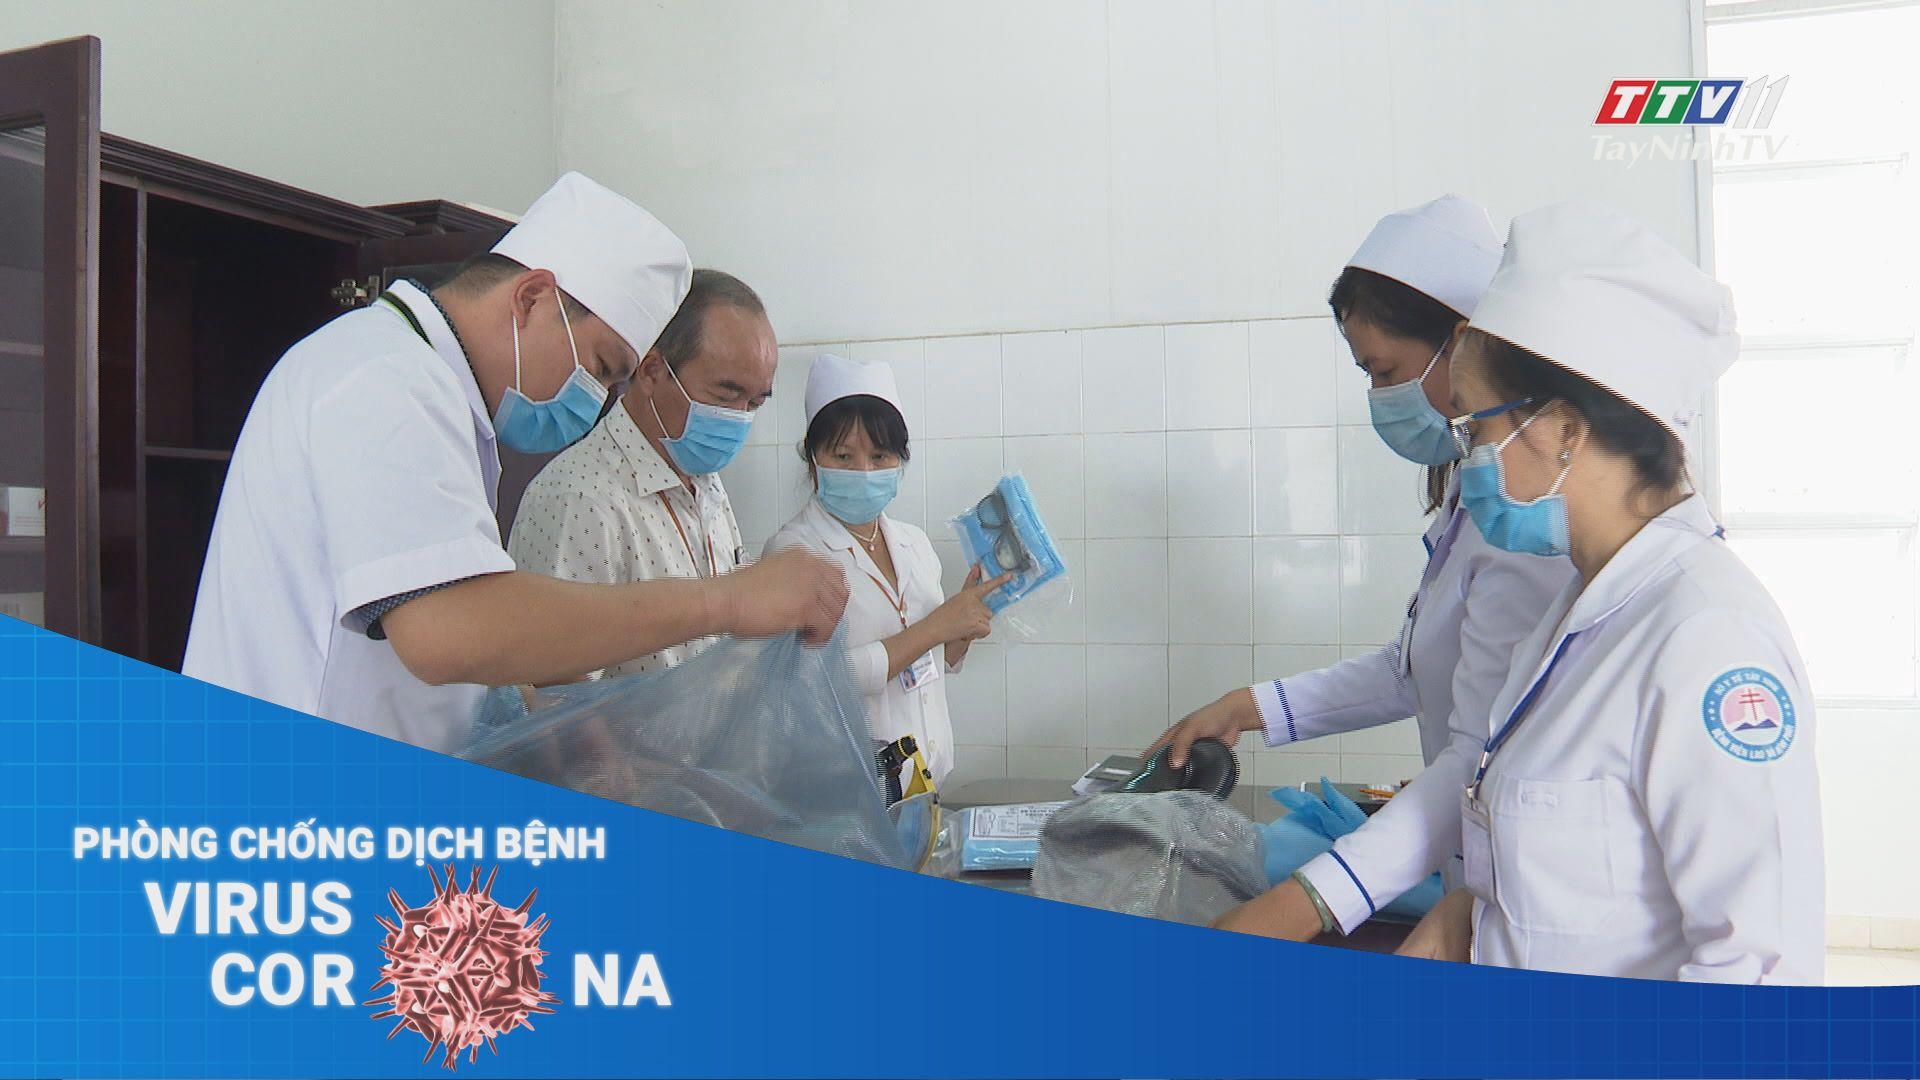 Bệnh viện Lao và Bệnh viện Phổi Tây Ninh phản ứng nhanh với dịch Covid-19 | THÔNG TIN DỊCH CÚM COVID-19 | TayNinhTV